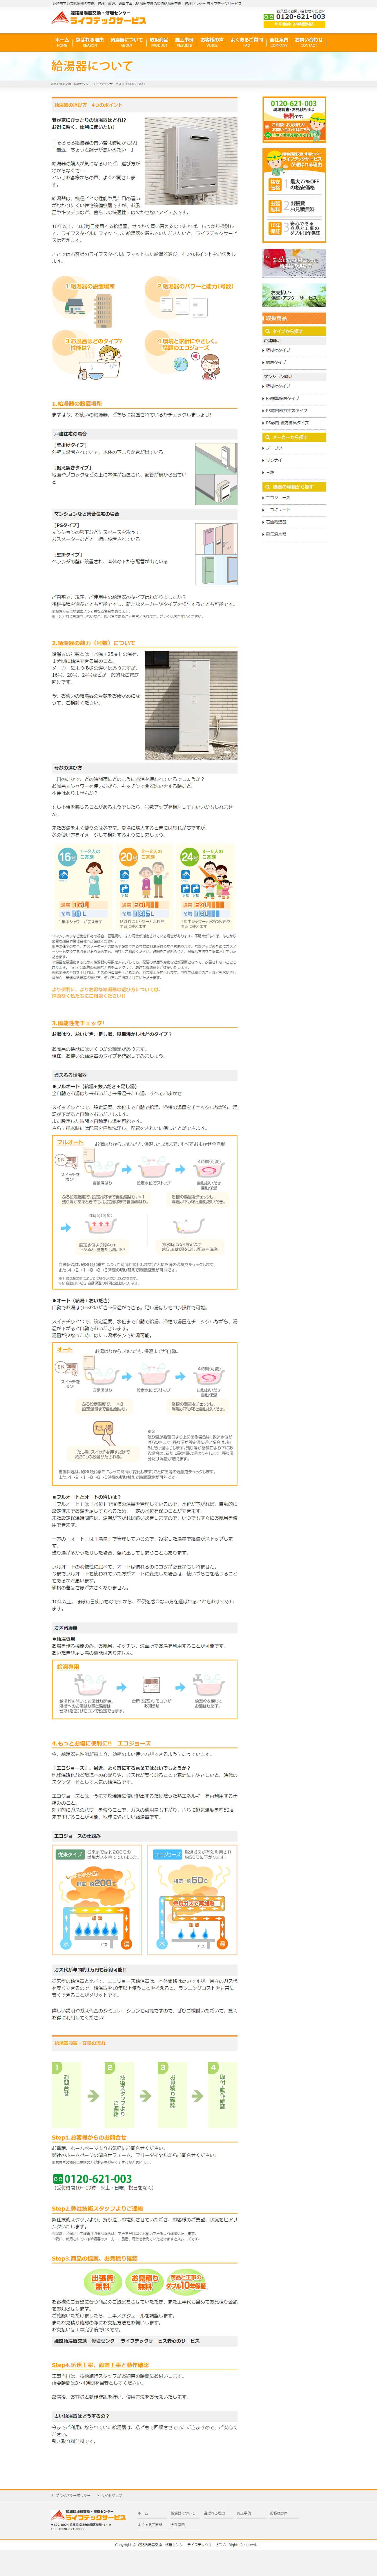 姫路市 株式会社ライフテックサービス様 姫路給湯器センターホームページ制作2